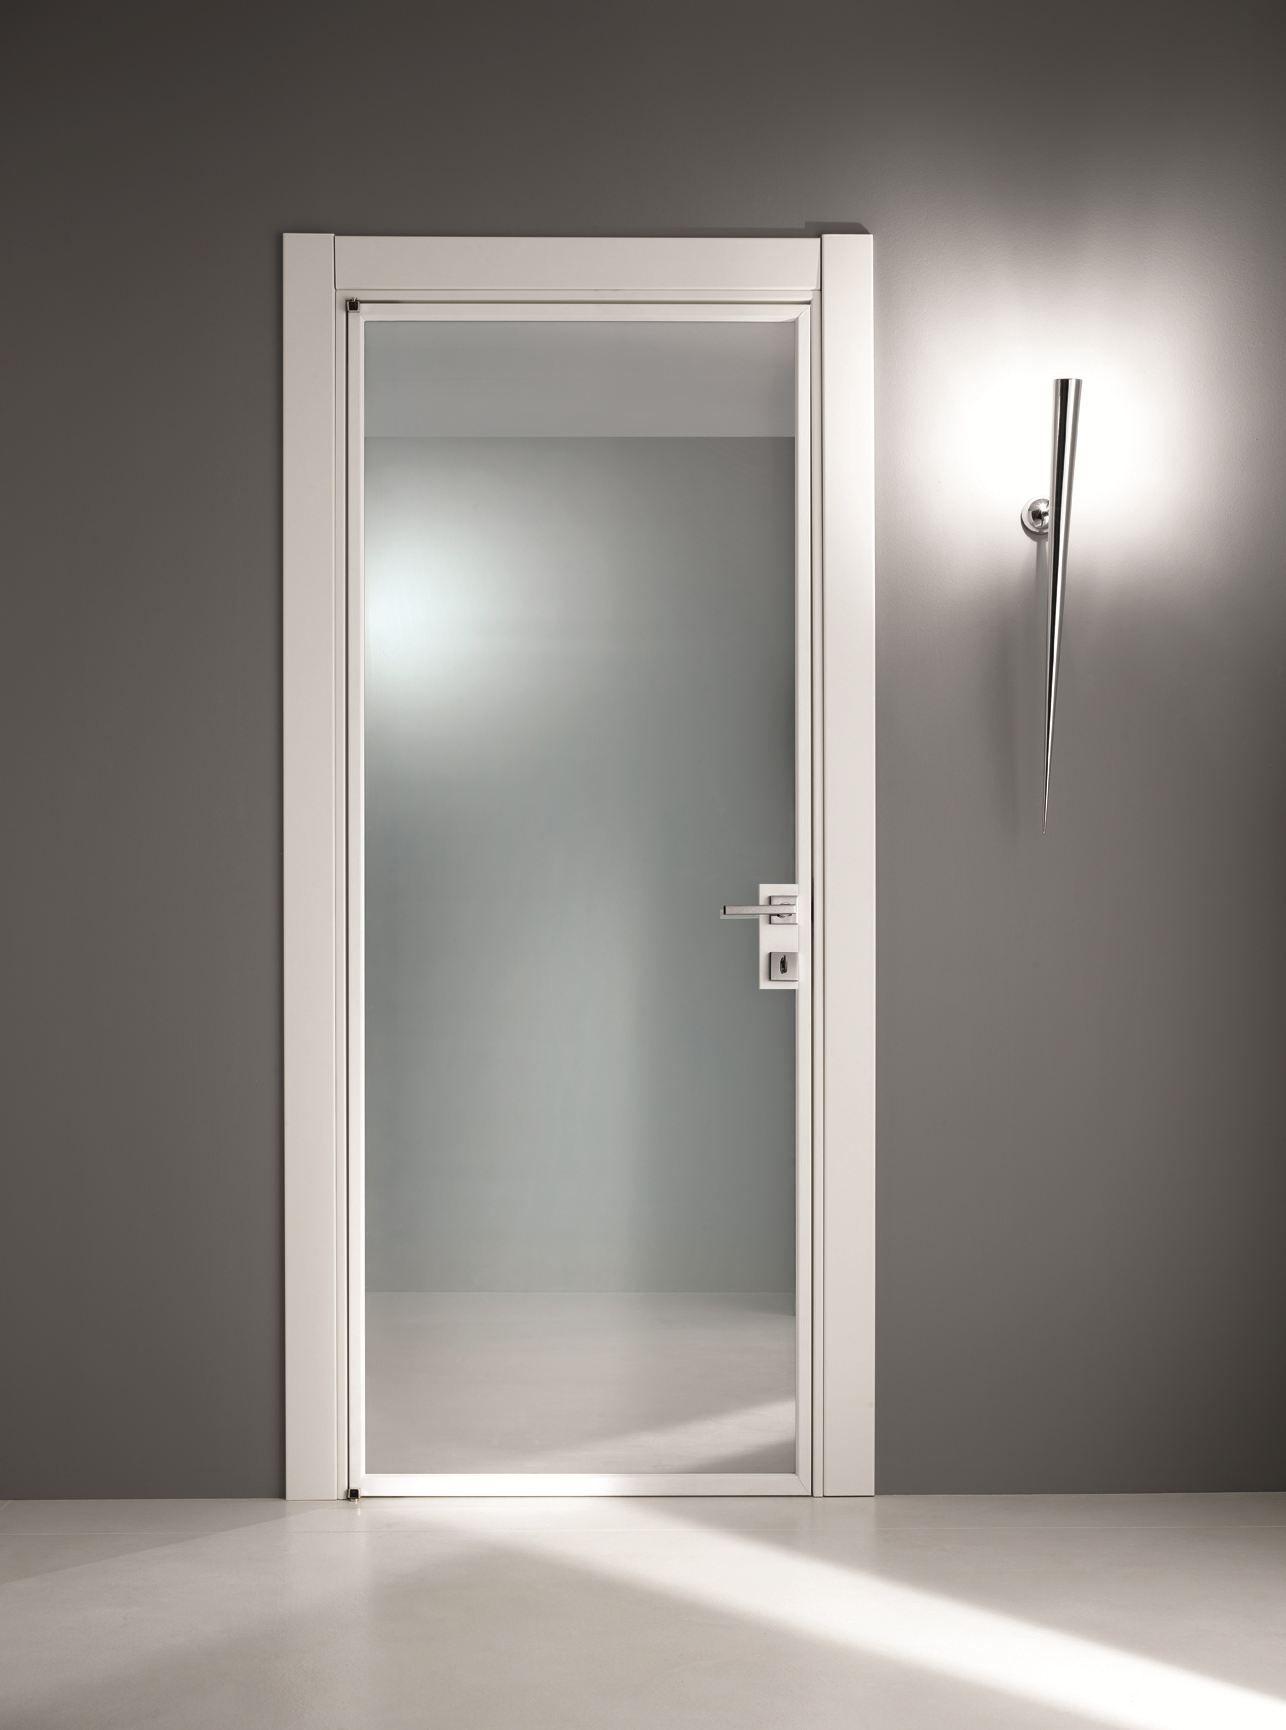 Stilia puerta de vidrio esmerilado by gidea - Puertas de vidrios ...